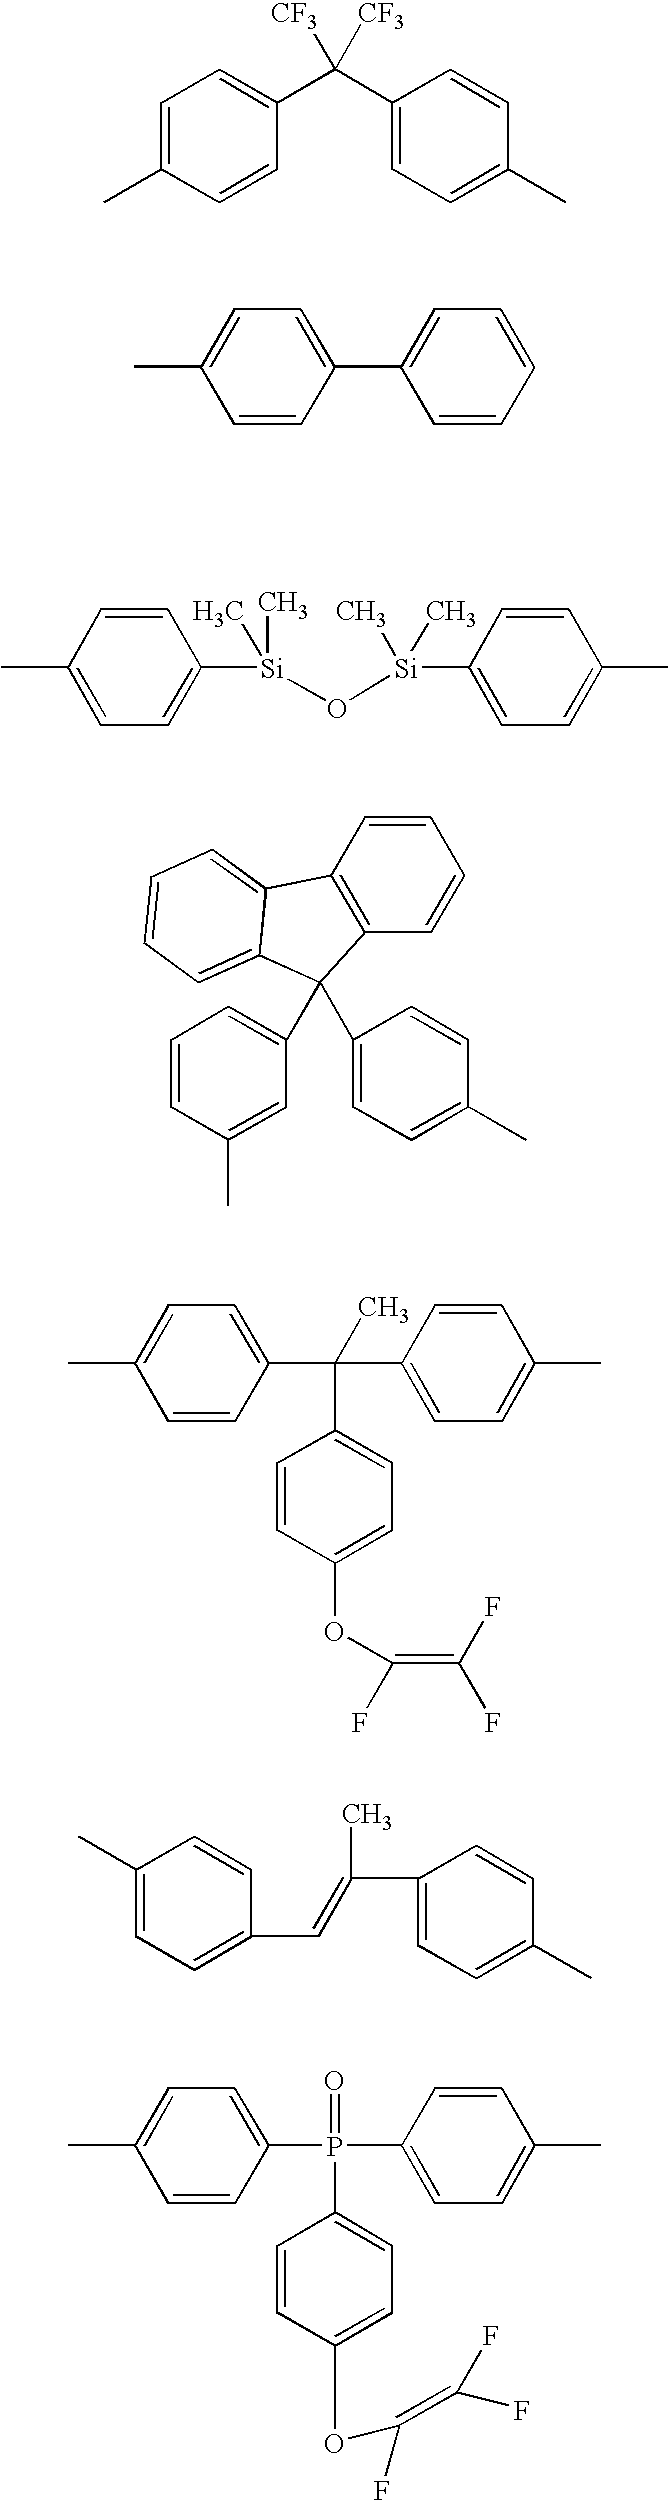 Figure US06953653-20051011-C00002